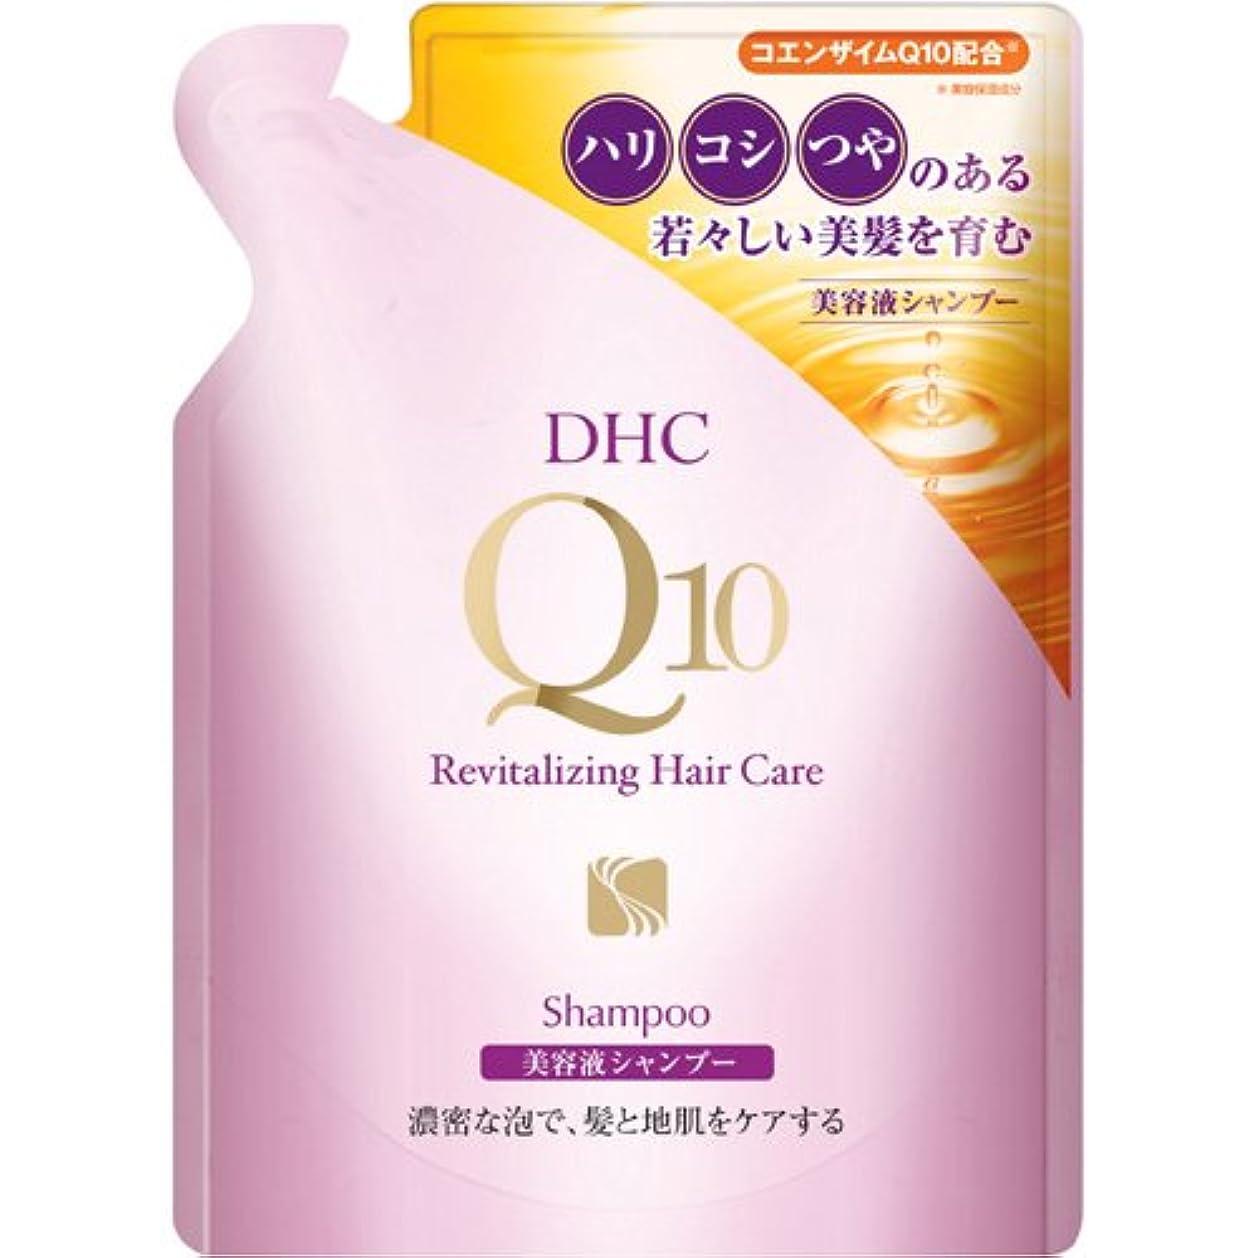 海洋の支店破滅的なDHC Q10美容液 シャンプー 詰め替え用 (SS) 240ml